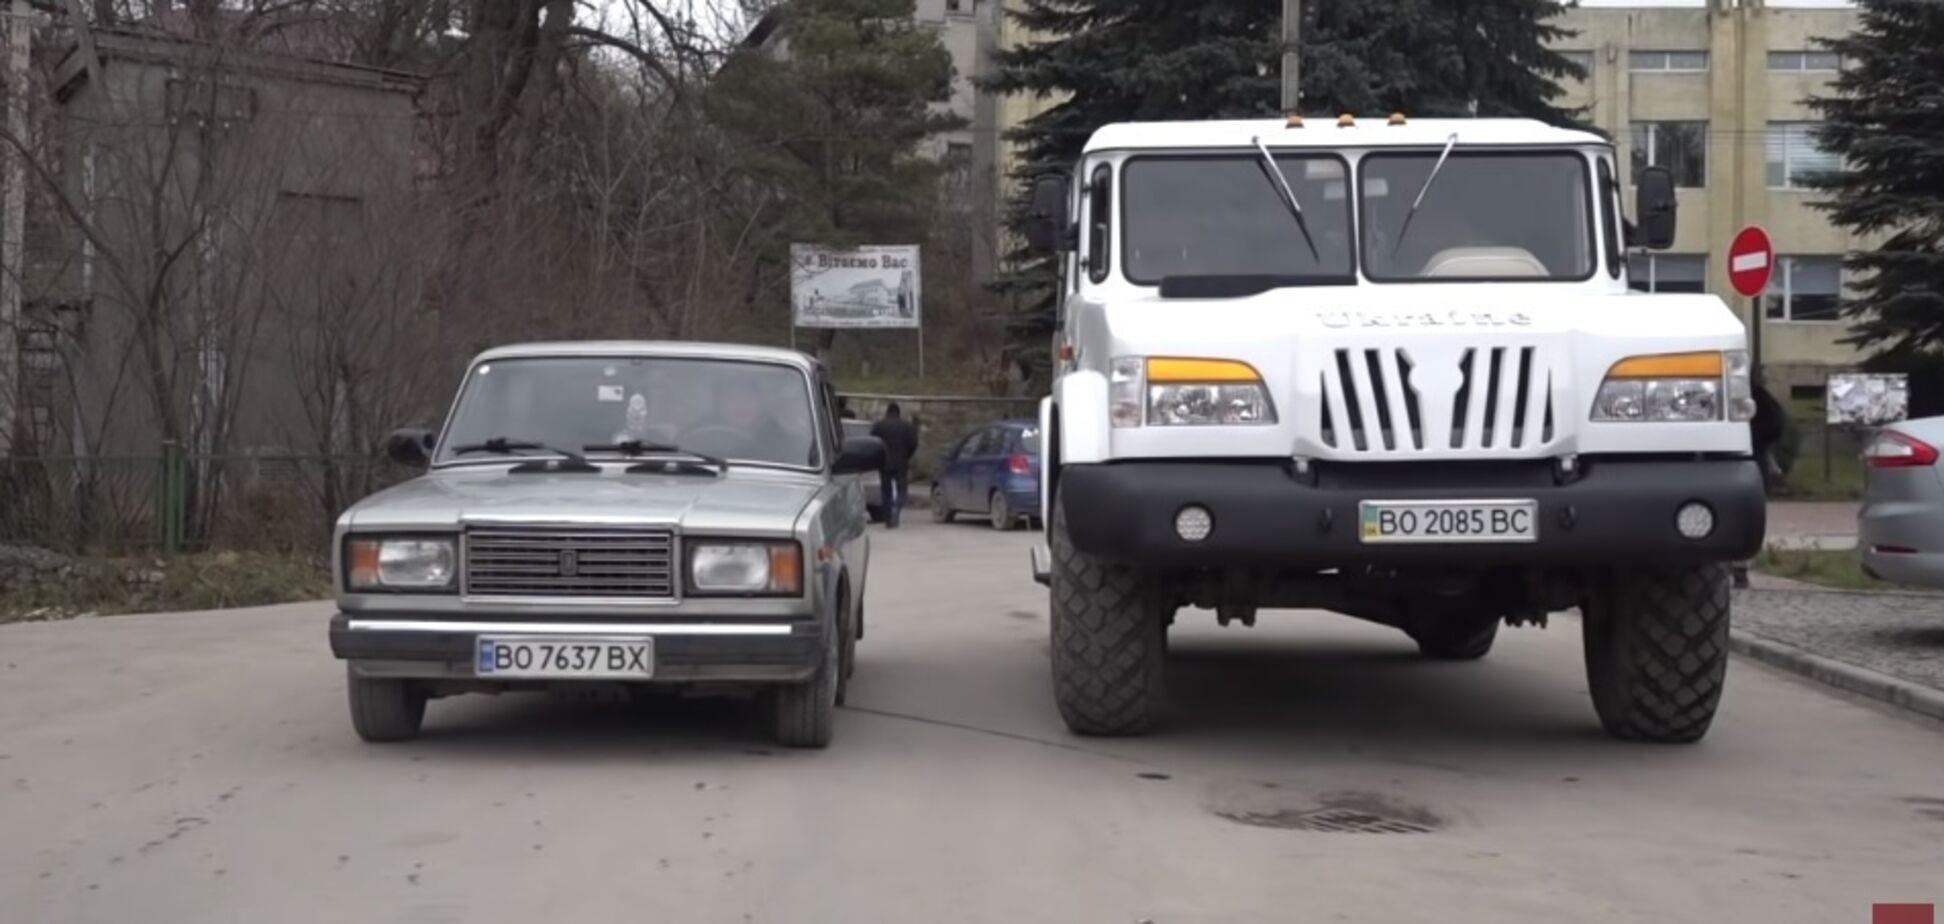 Огромный внедорожник под названием 'Украина' показали на видео